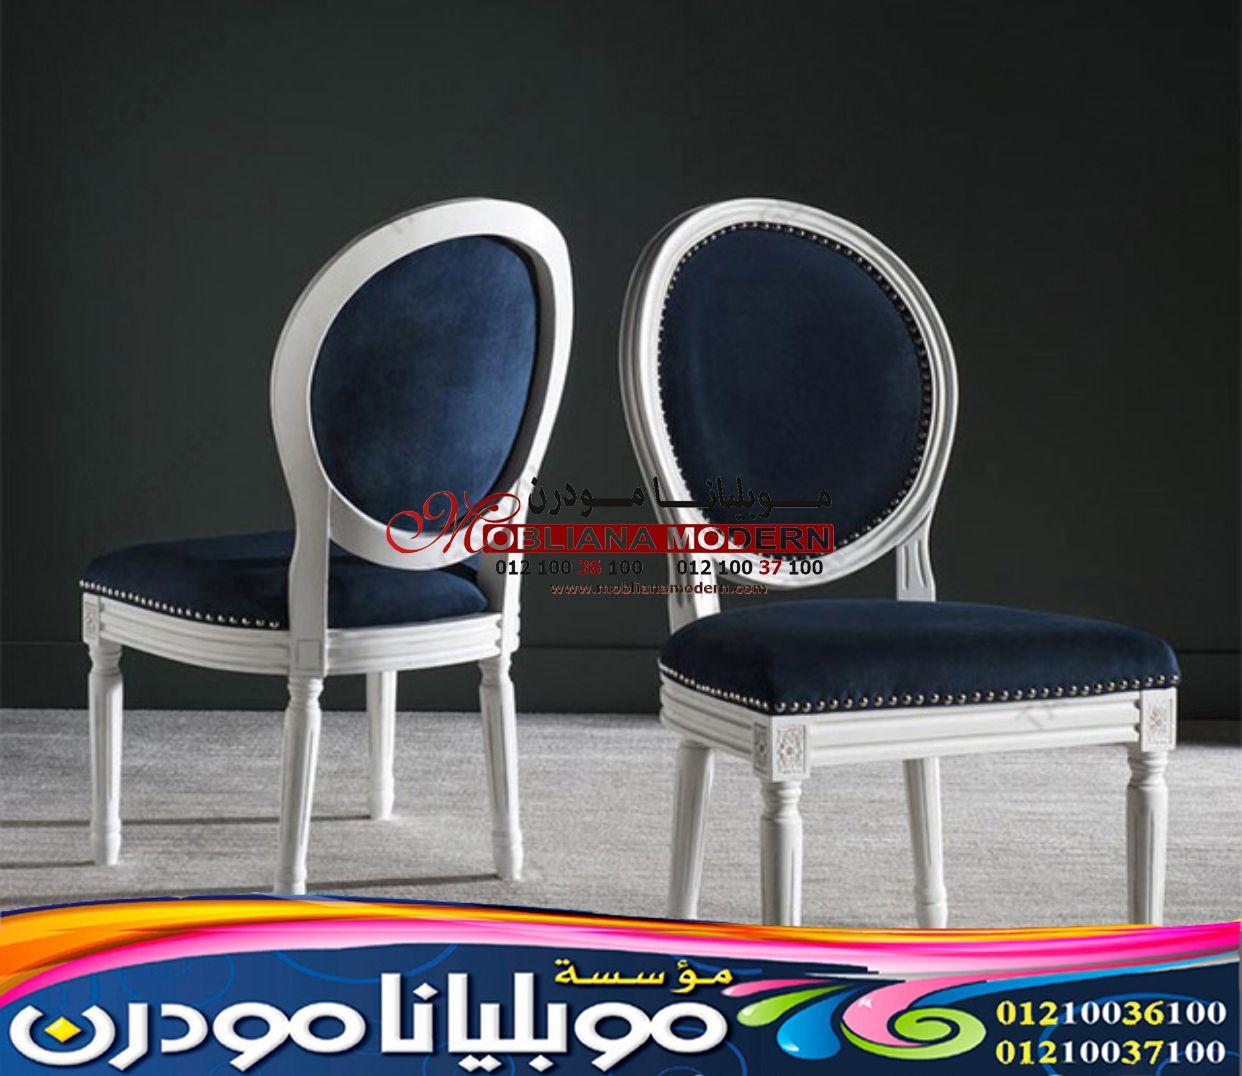 كراسي مودرن معارض اثاث القاهره معارض اثاث اكتوبر2021 شركه موبليانا مودرن2021 Home Decor Furniture Decor